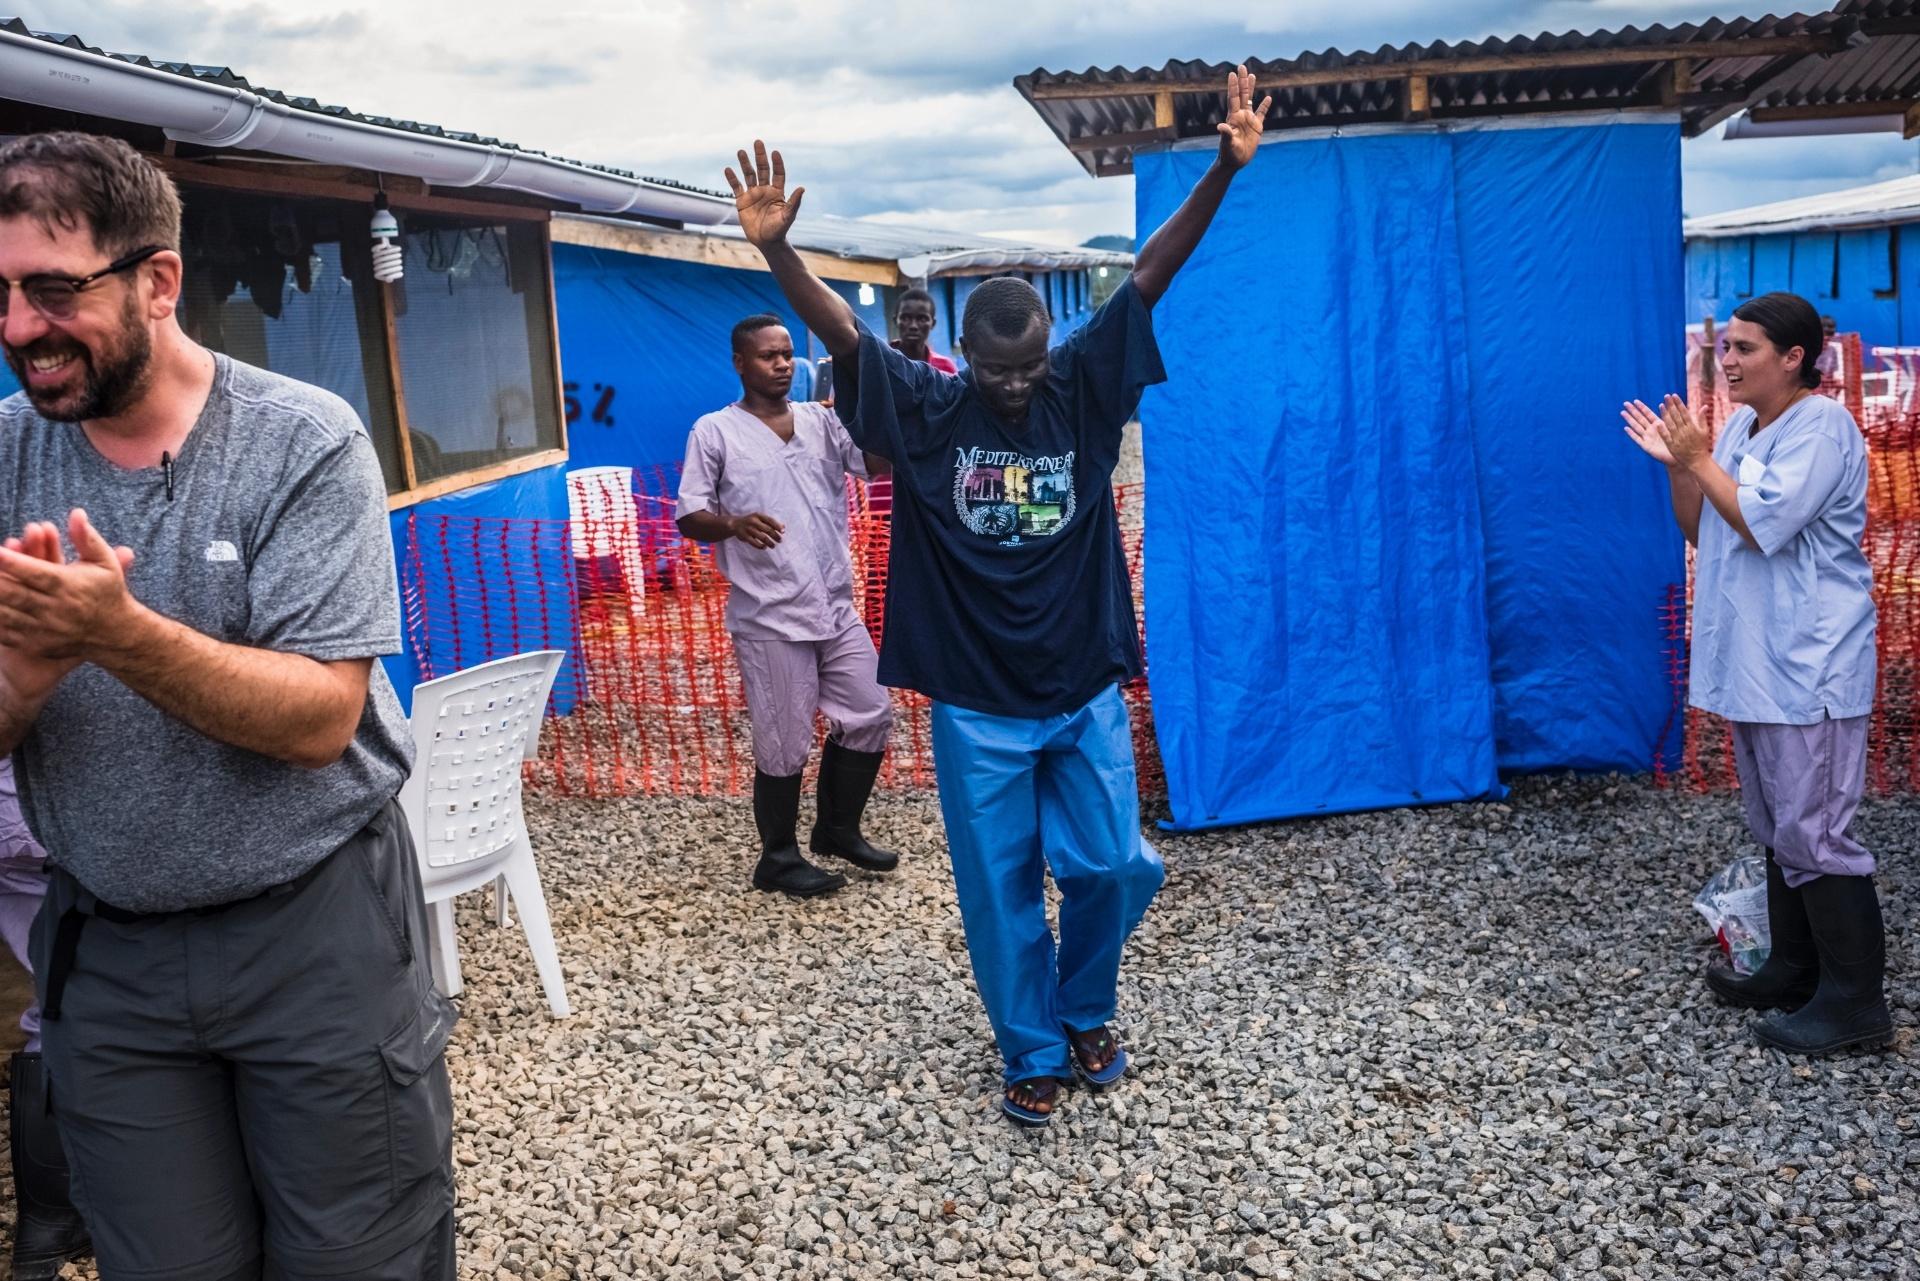 Dennis Khakie, que foi infectado pelo ebola, comemora sua saída do centro de saúde em Sgt. Kollie Tow, na Libéria, após ter sua cura confirmada em exame laboratorial